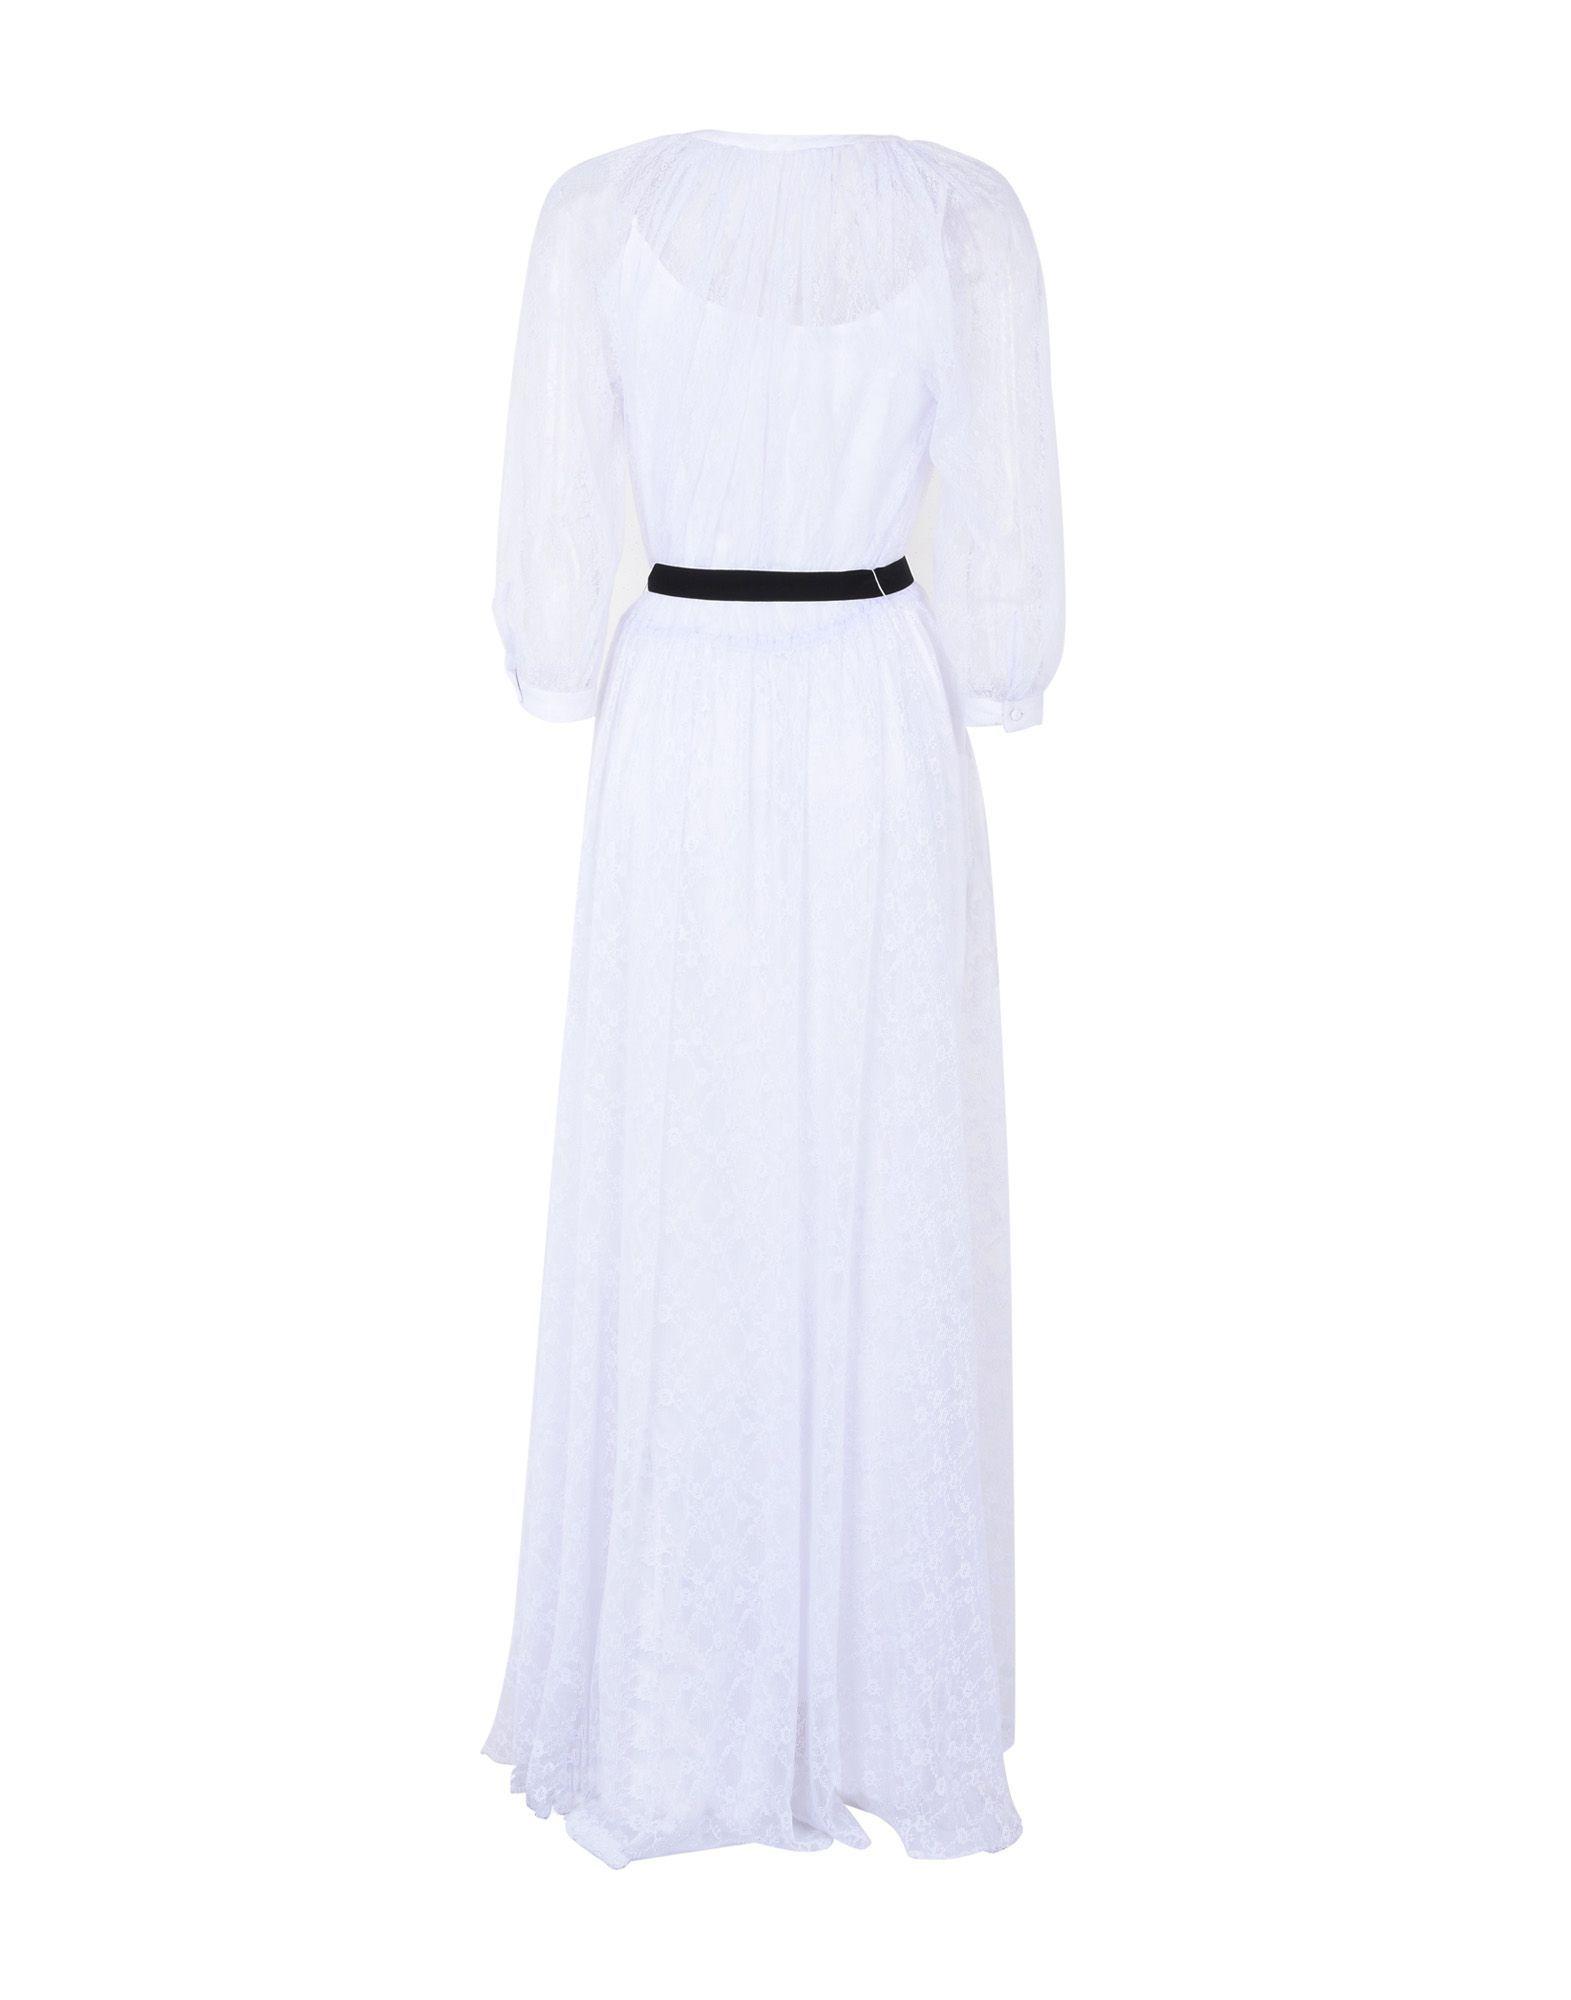 Manoush White Full Length Dress